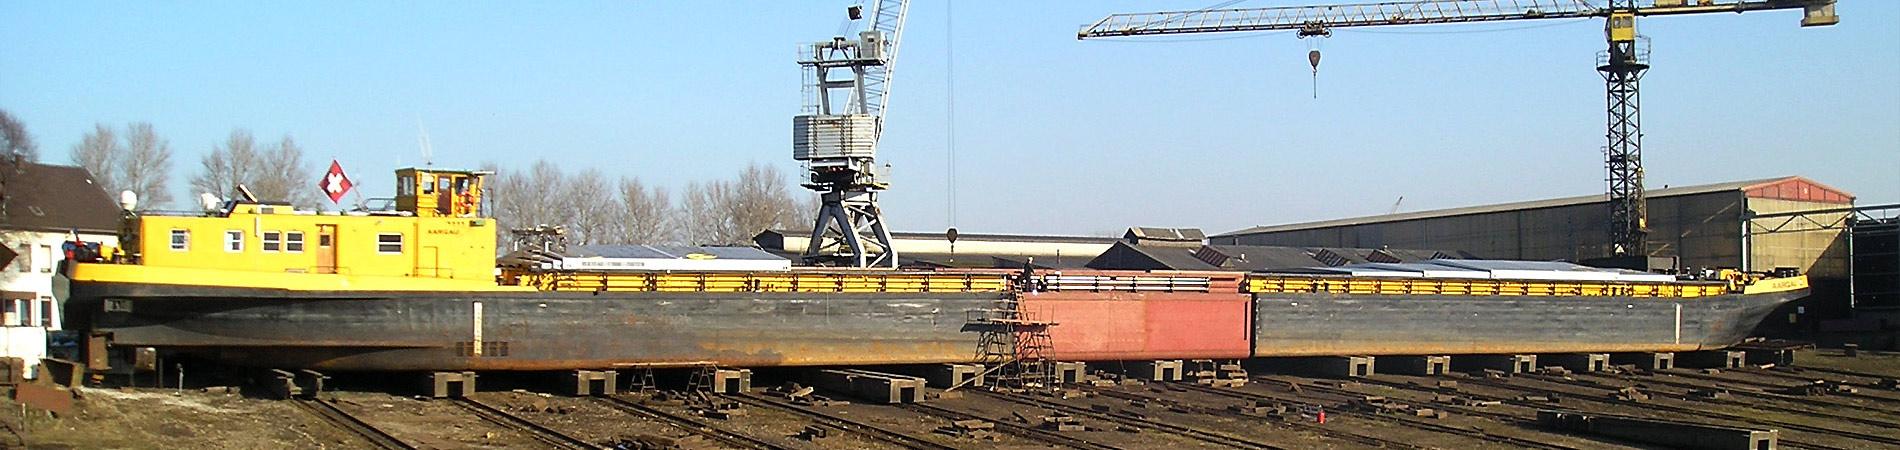 Meidericher Schiffswerft MSW Duisburg - Stellenangebote